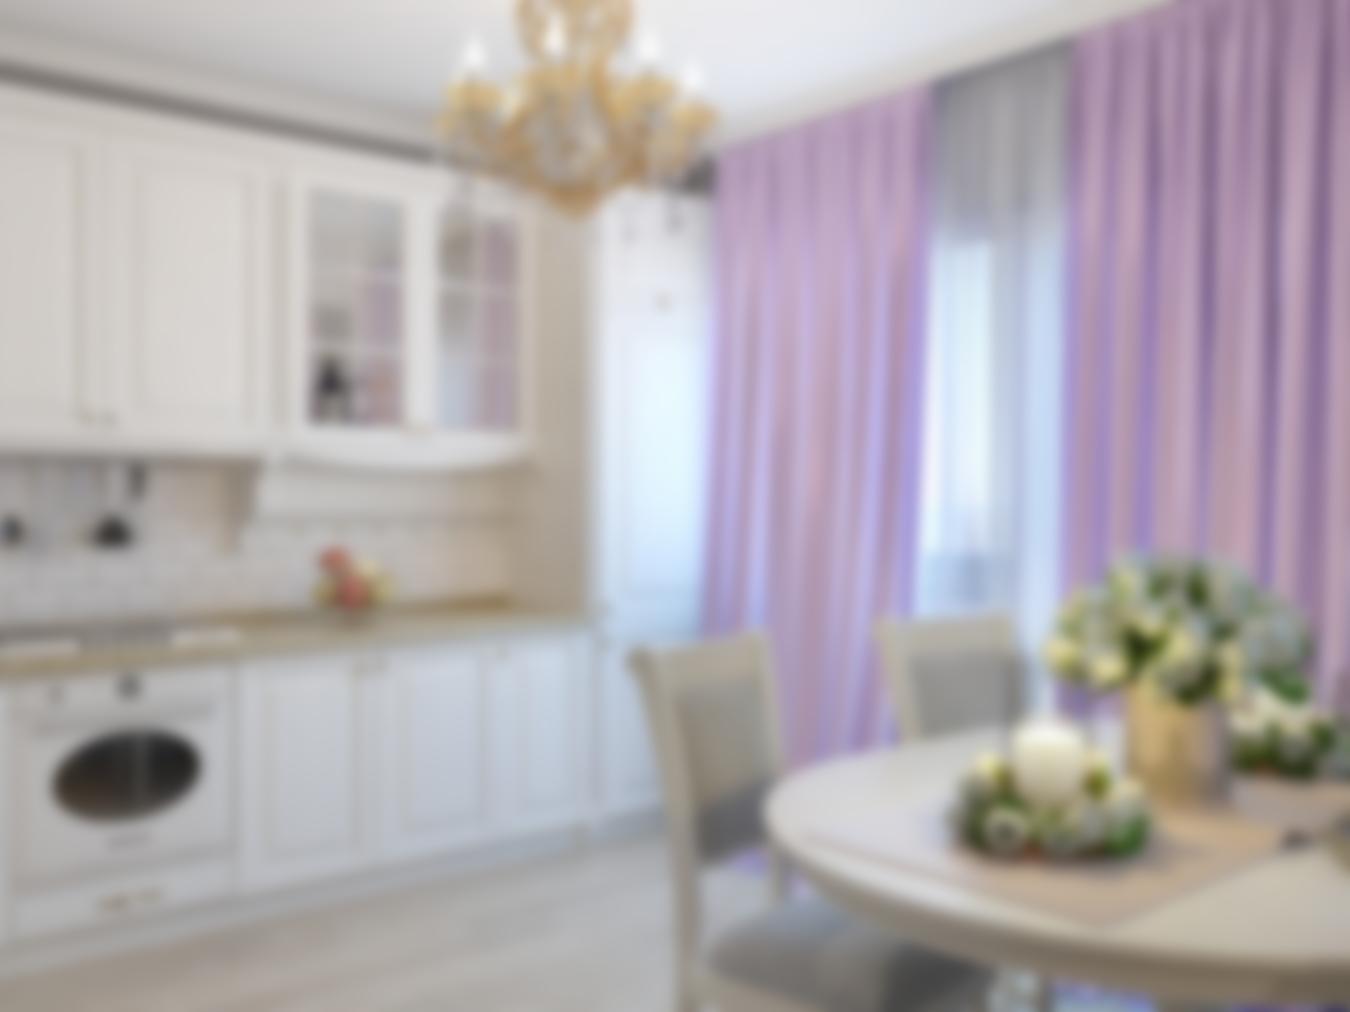 любви, какие выбрать шторы в светлую кухню фото интересного сюжета, который